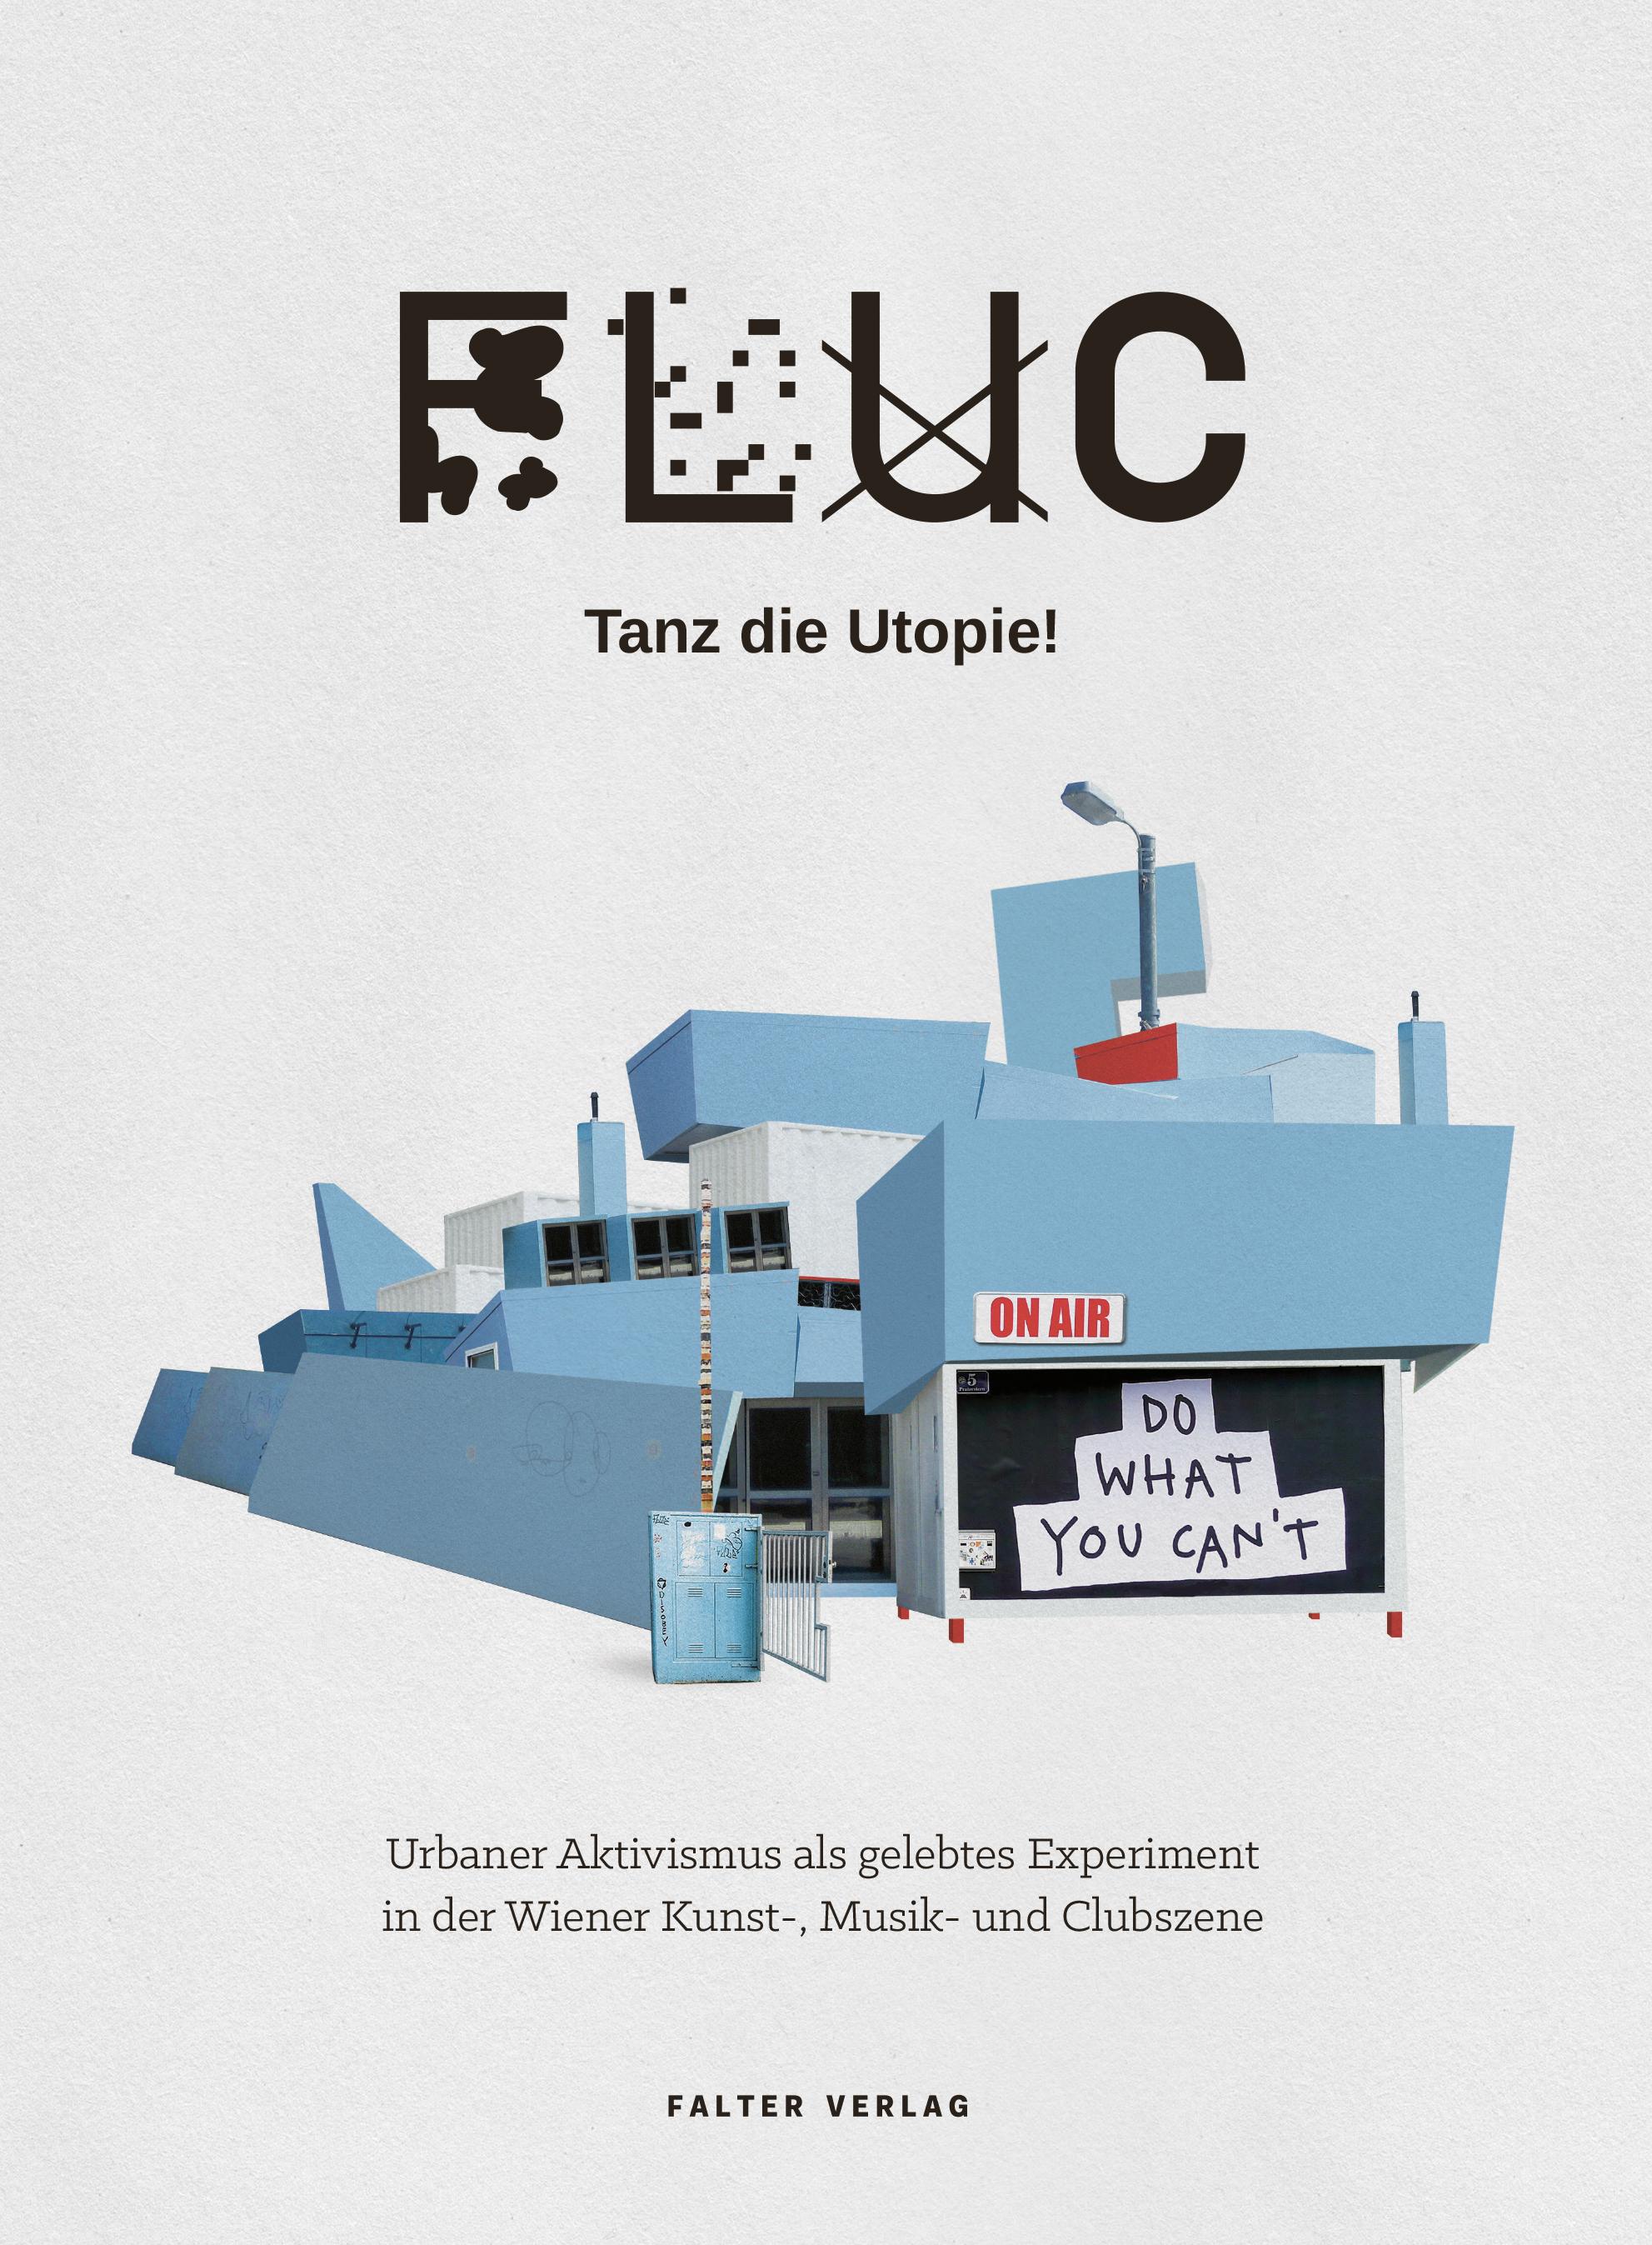 FLUC - Tanz die Utopie!